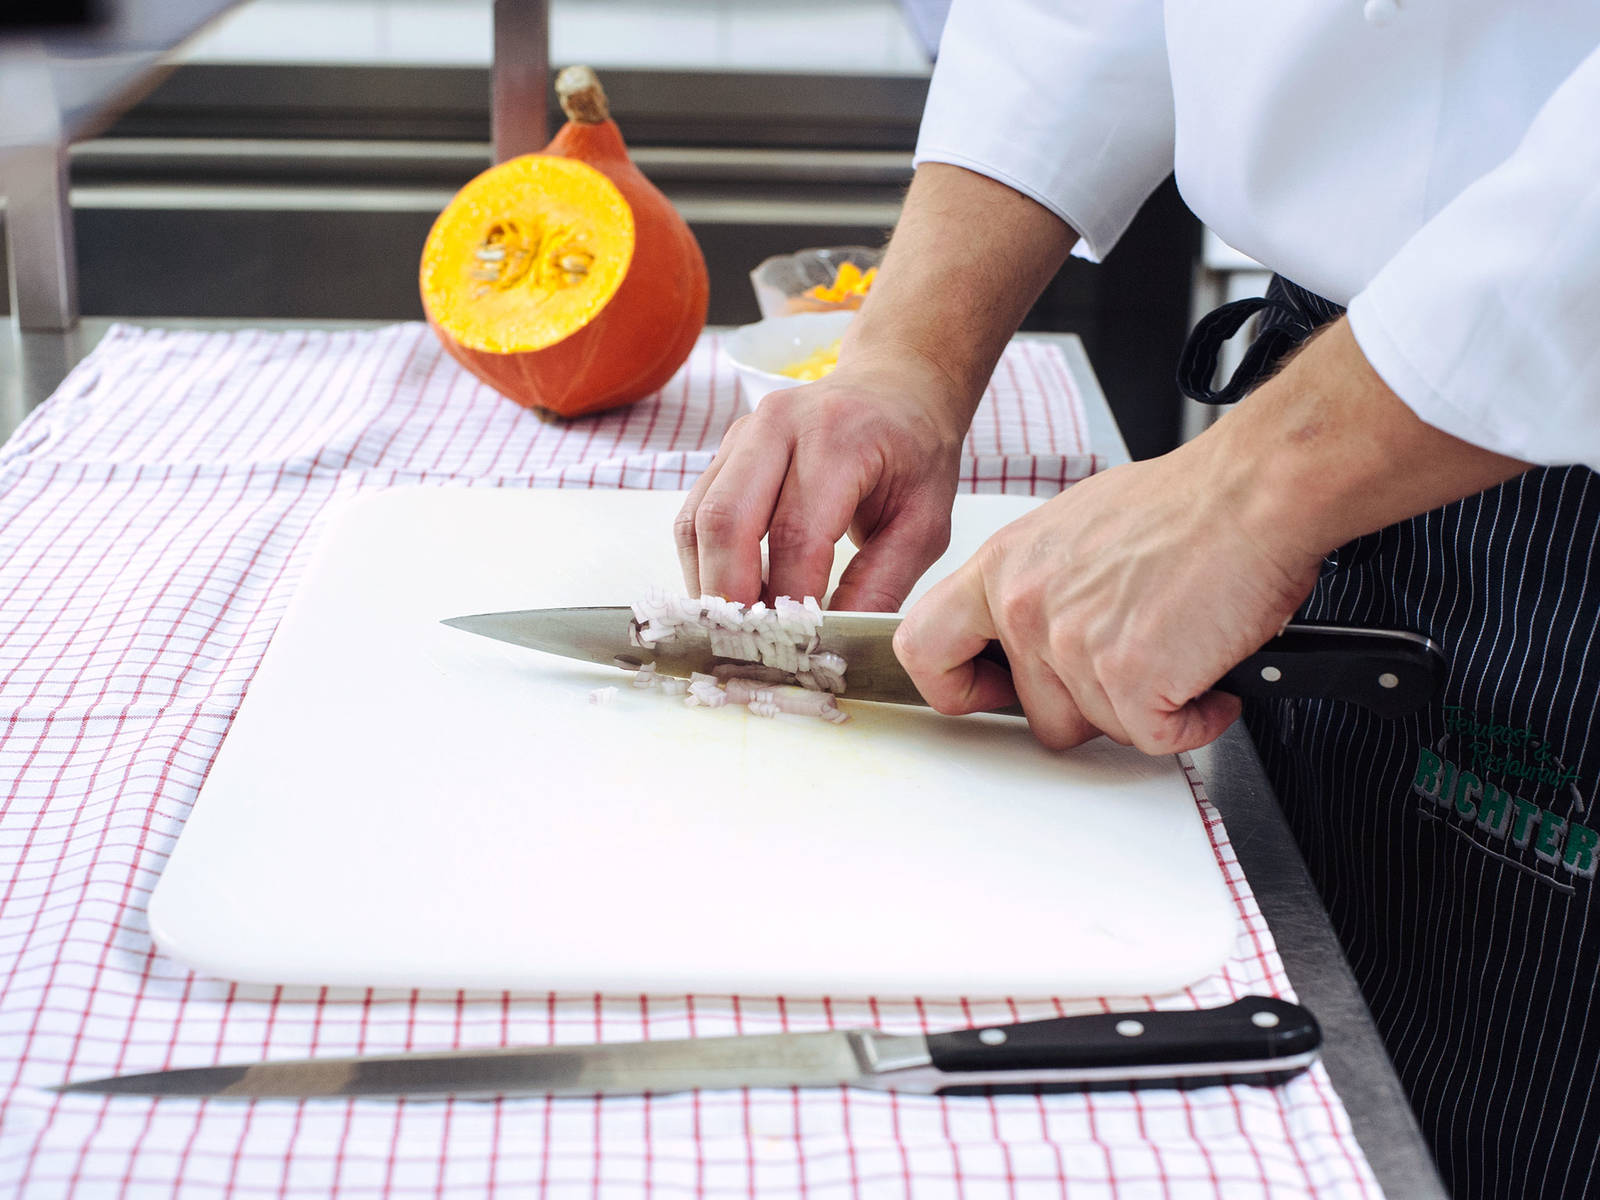 与此同时,切碎红葱、蒜和姜。细细切碎欧芹,胡萝卜刨丝,芝士擦屑。土豆去皮并切块。